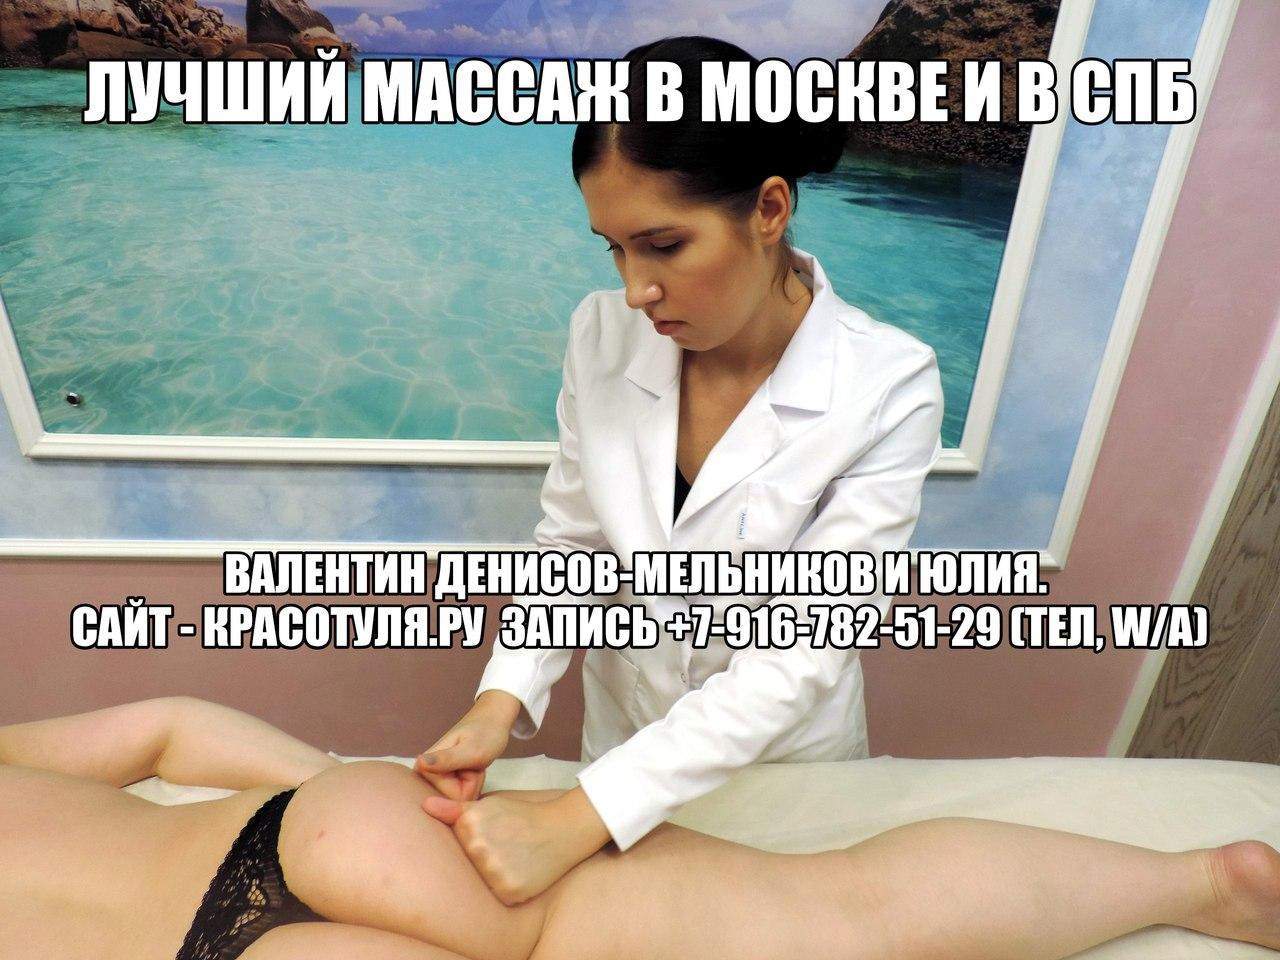 массажист девушка, массаж для женщин, антицеллюлитный массаж ягодиц,